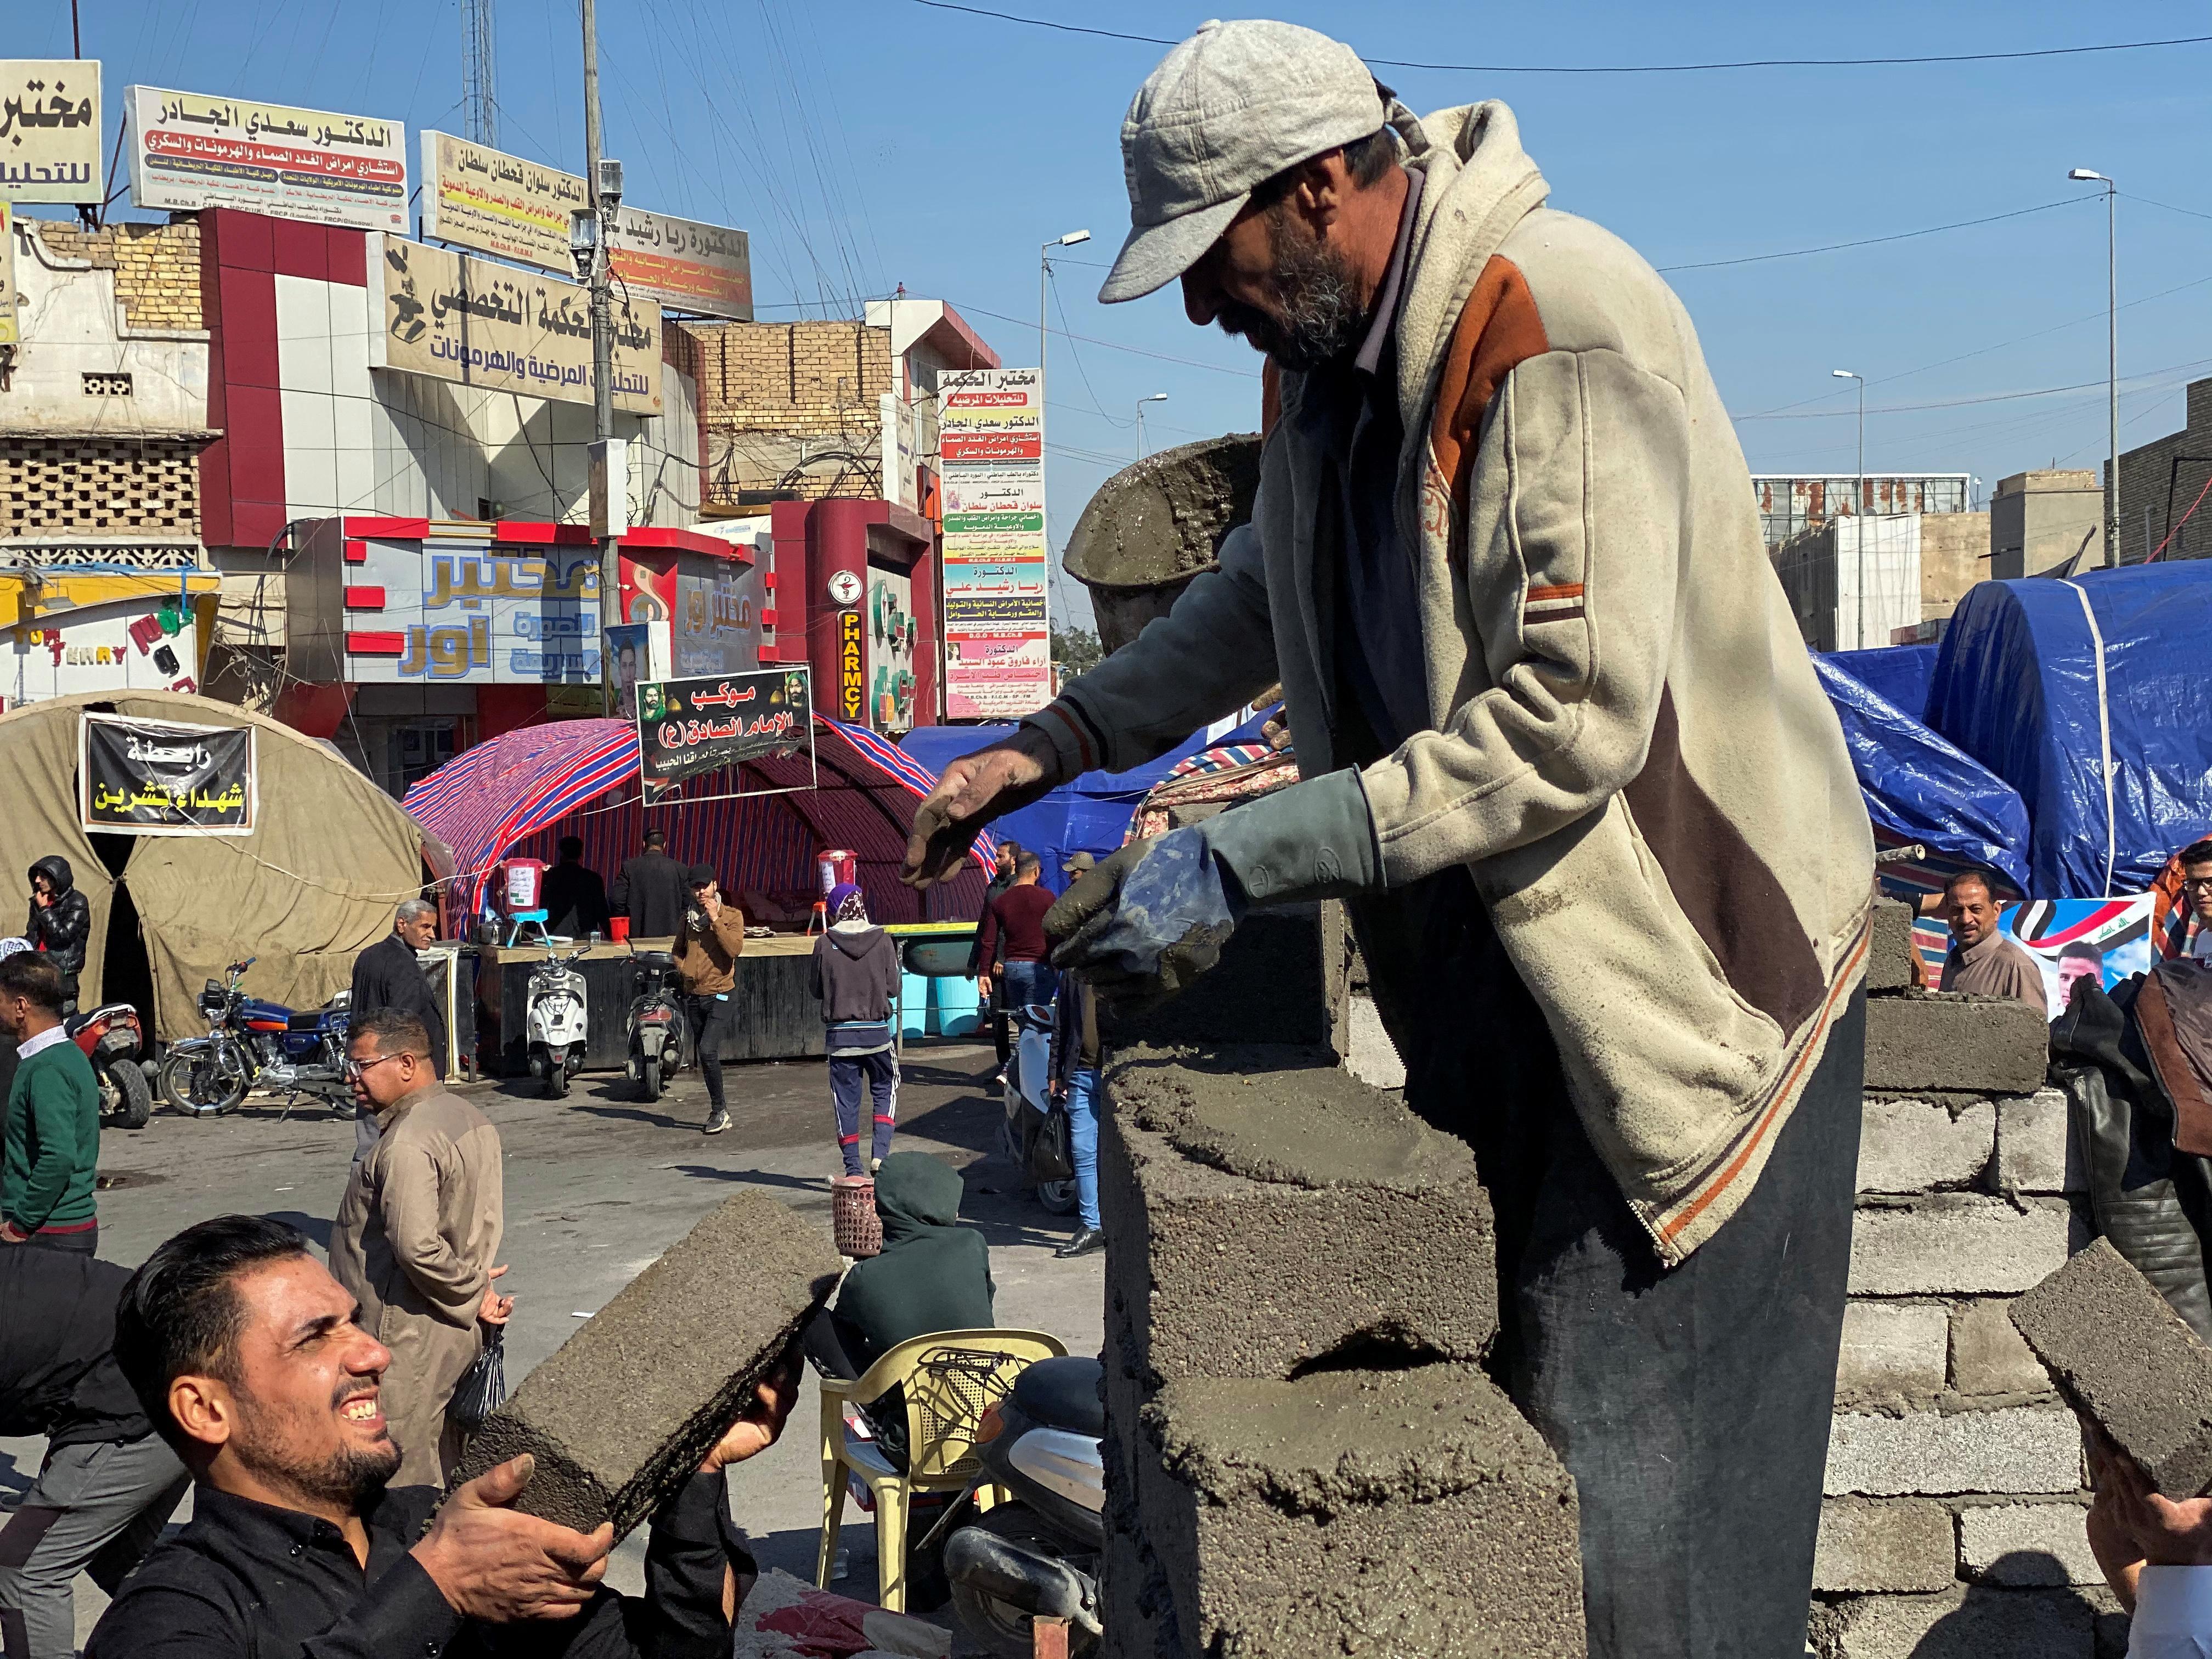 Iraqis rebuild wrecked protest camp as violence escalates